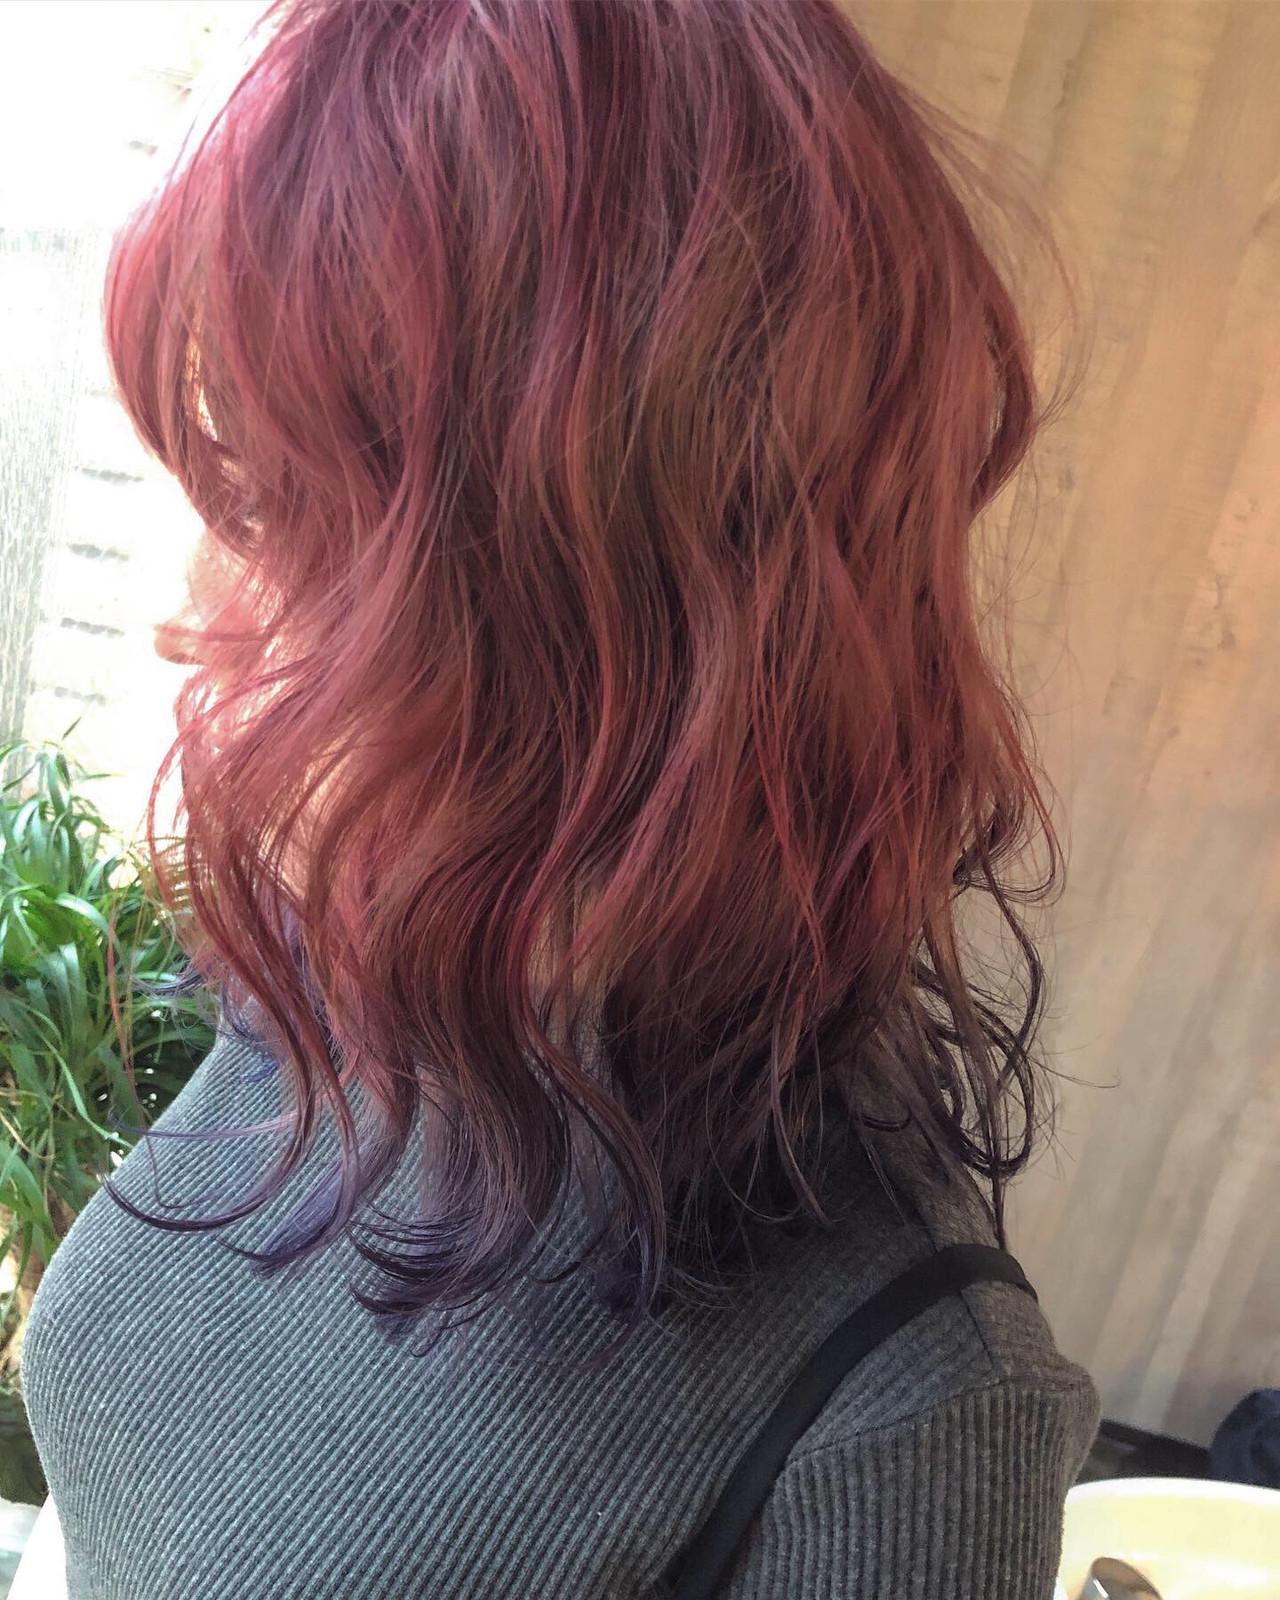 ピンクベージュ ガーリー ラベンダーピンク 裾カラー ヘアスタイルや髪型の写真・画像